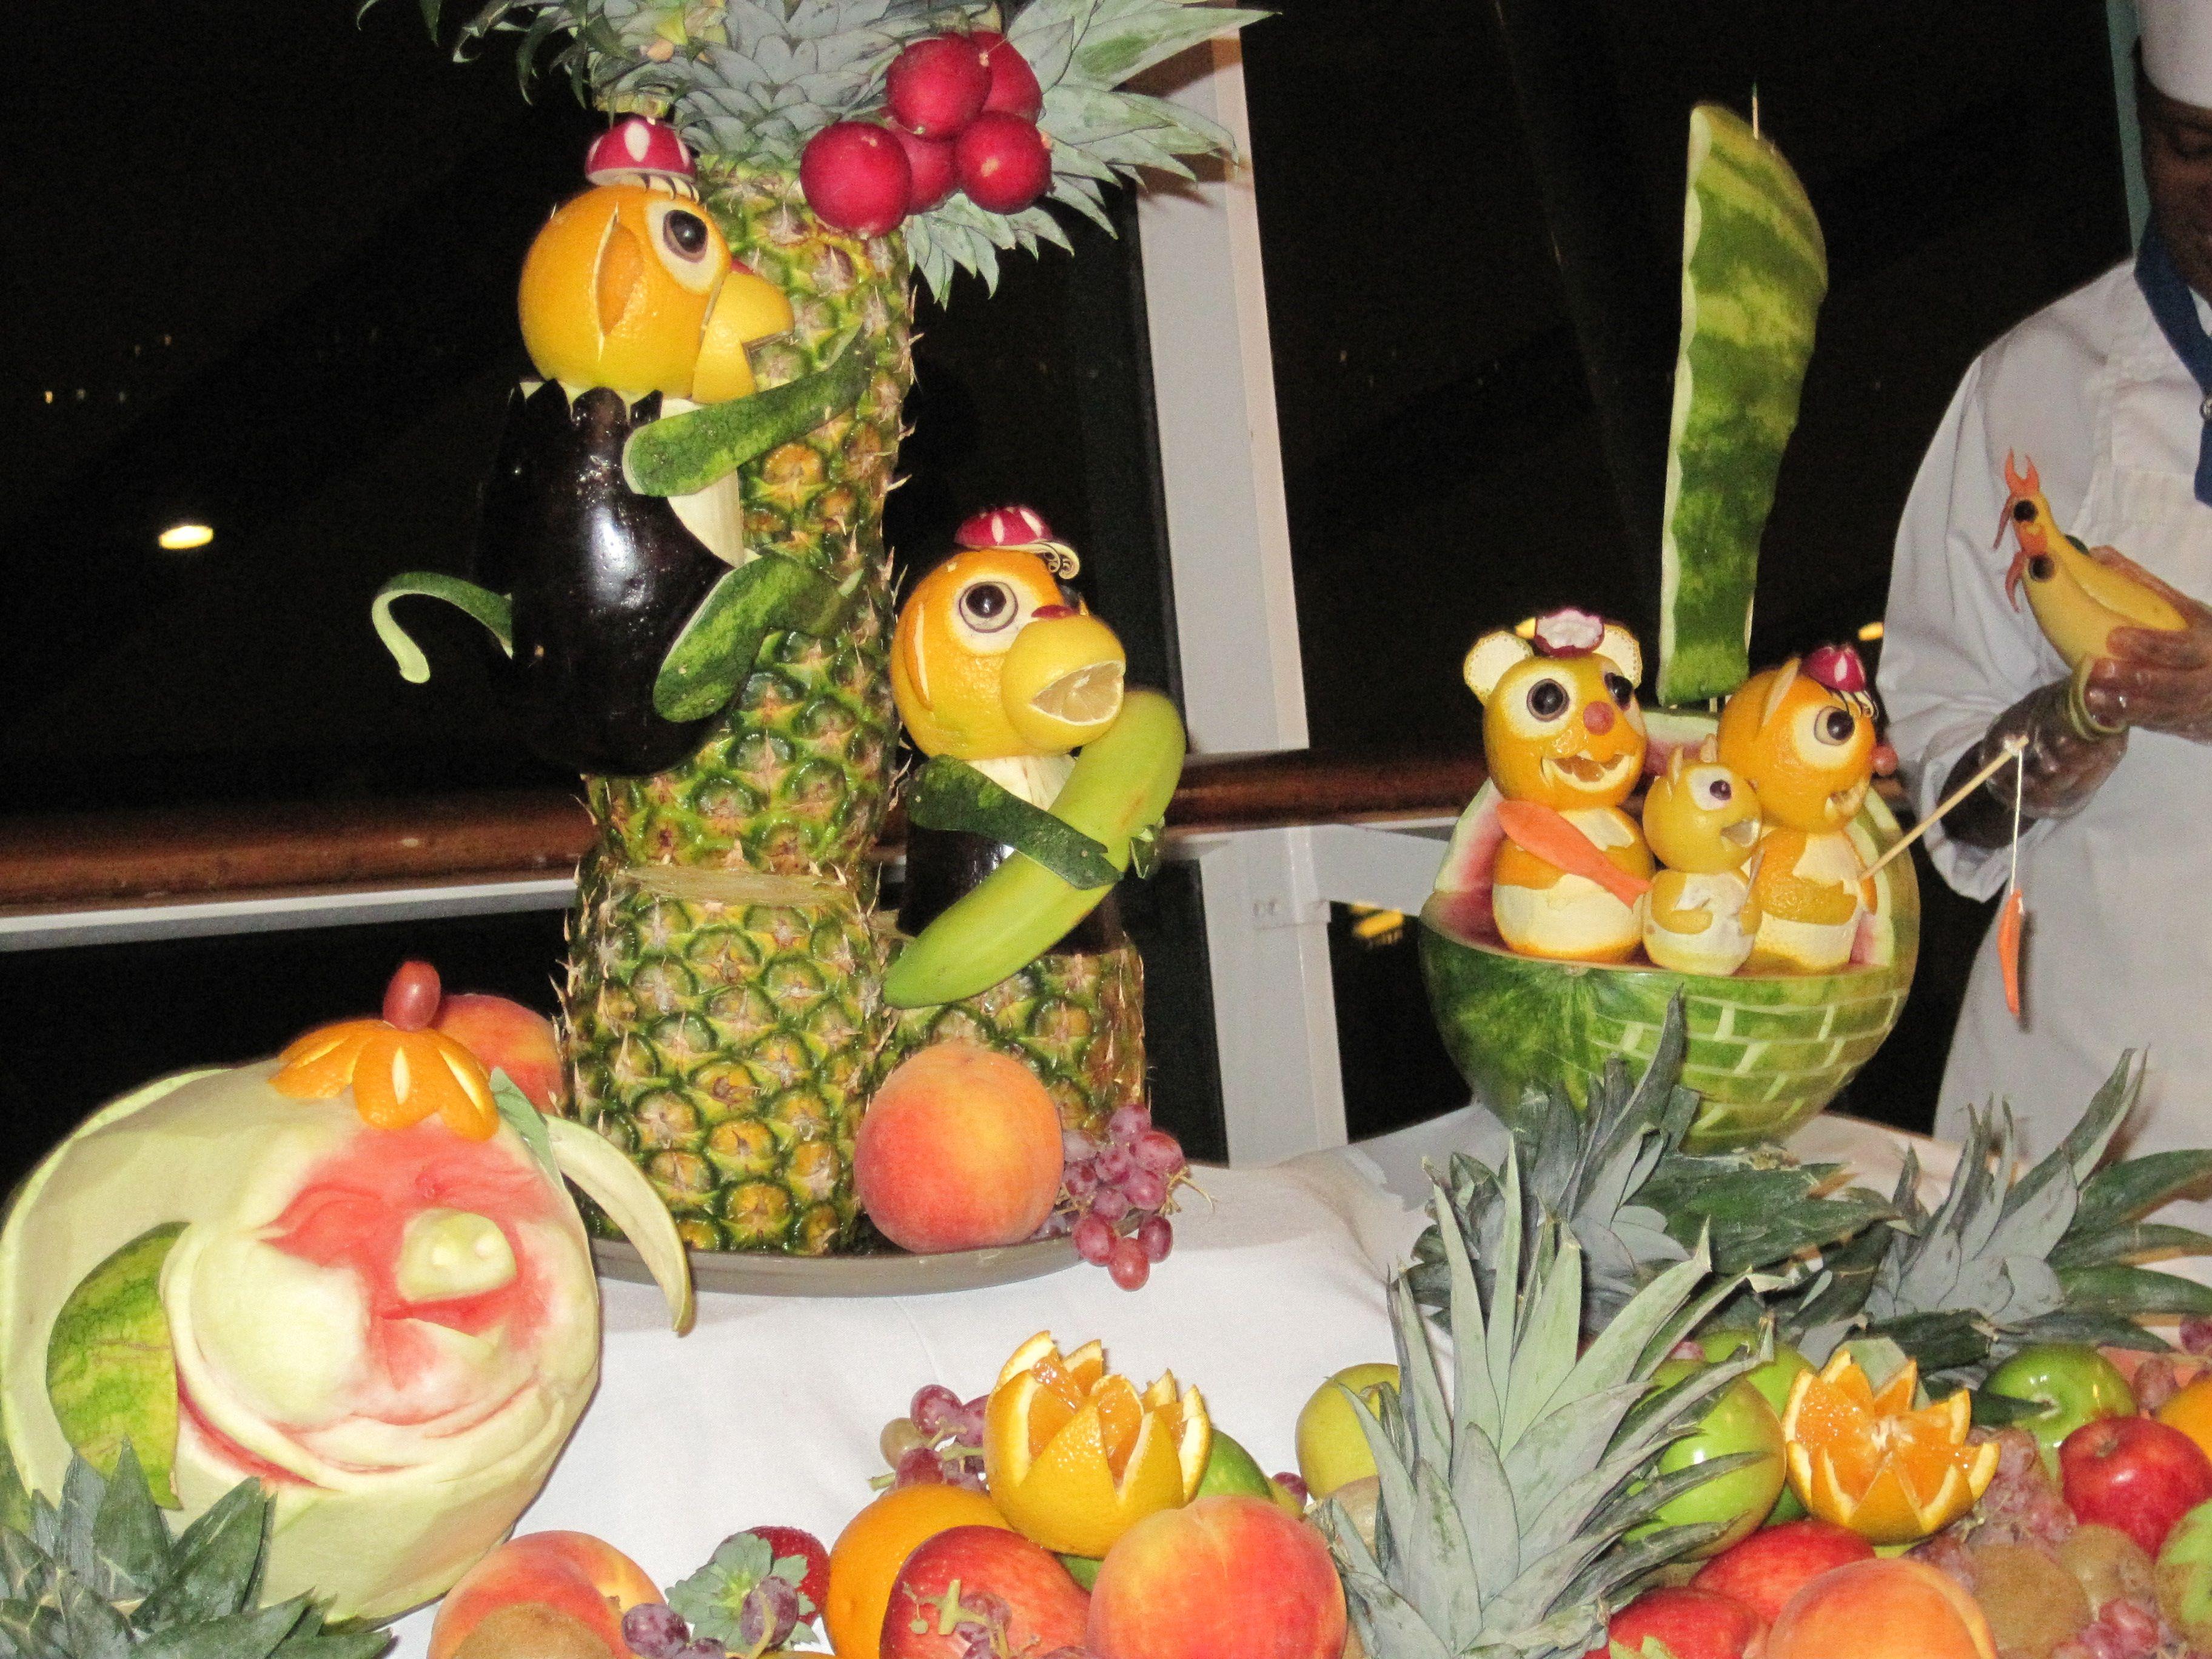 Fruit Family on Cruise Ship